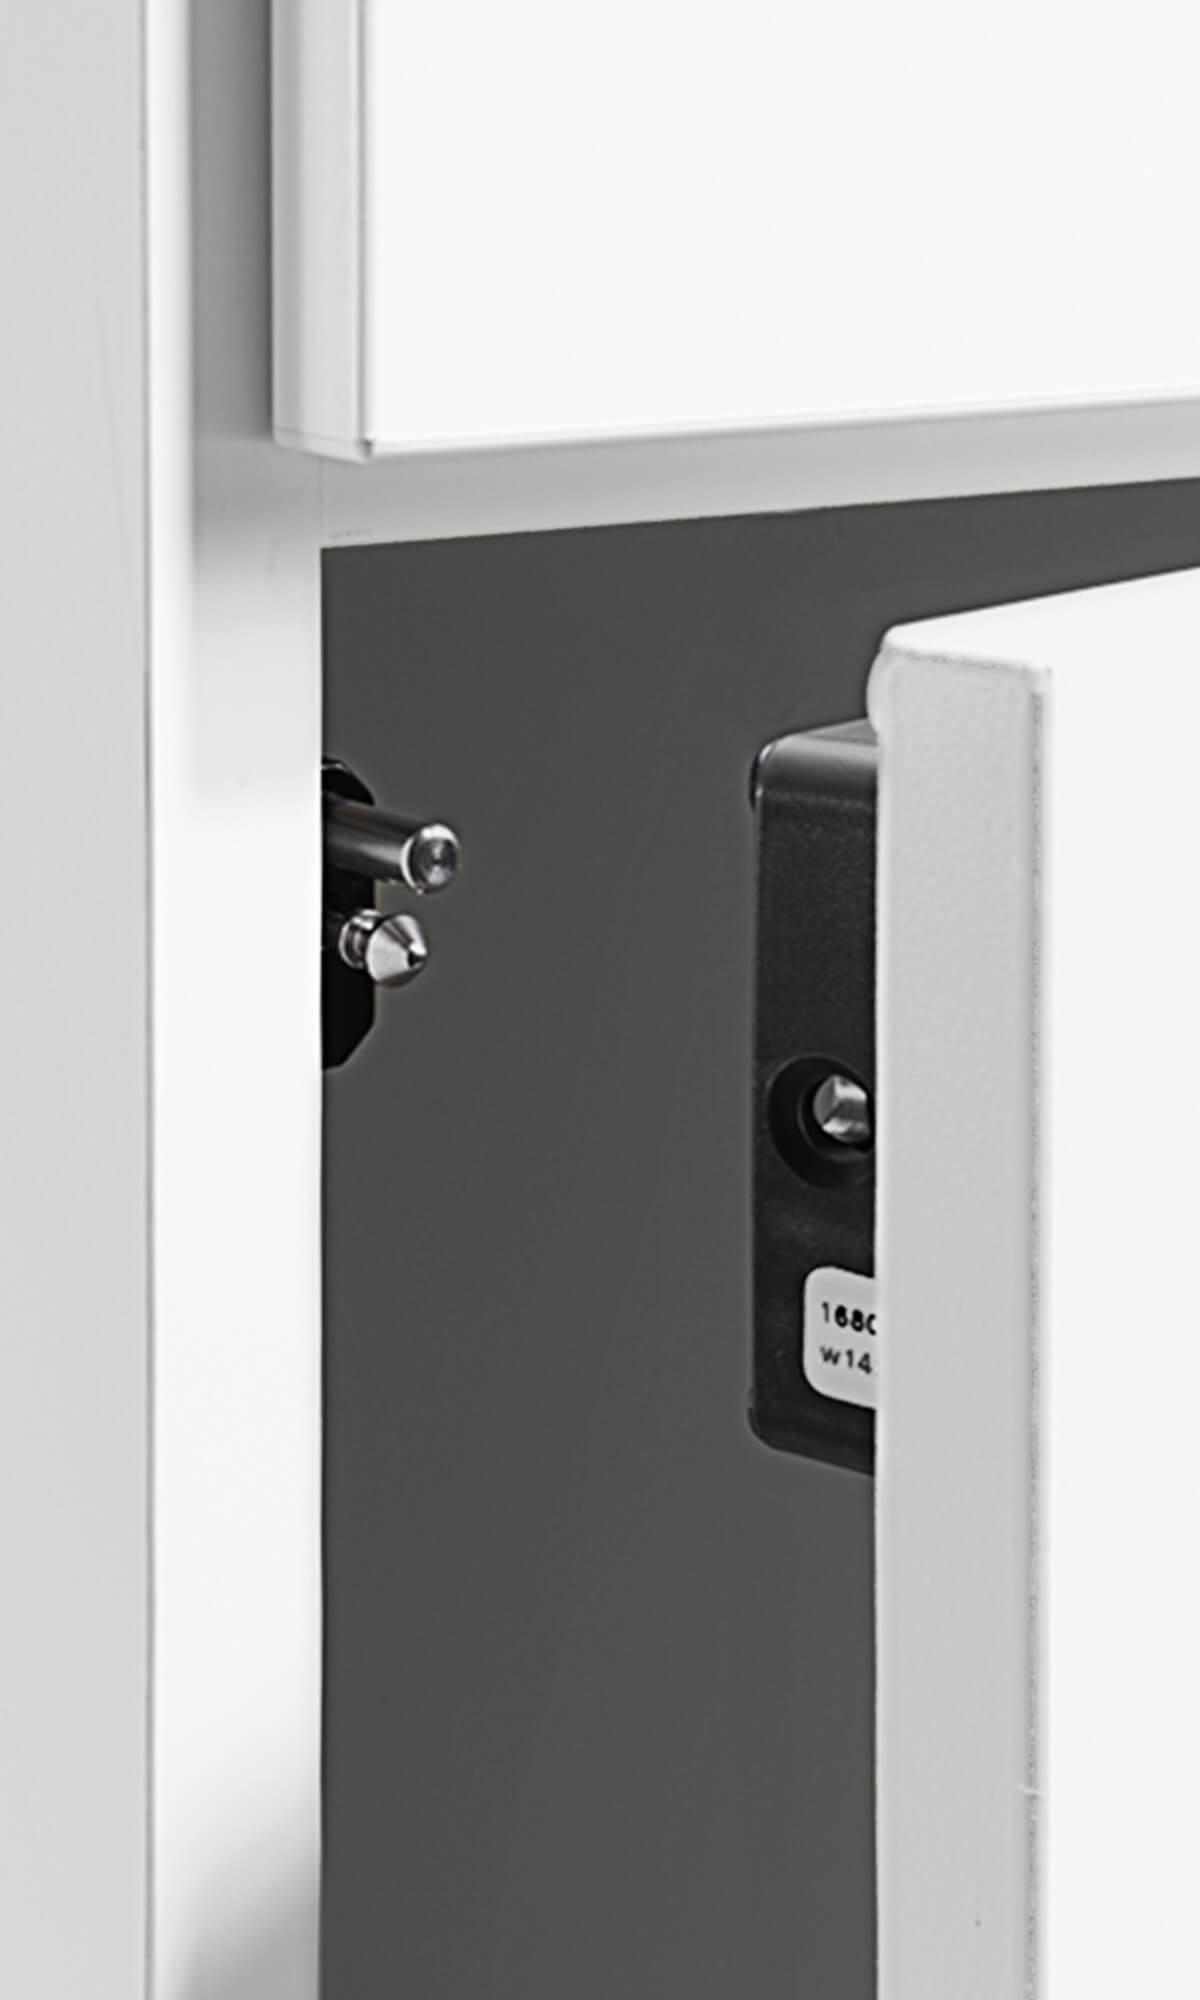 tillbehör lås RFID mifare EM förvaring